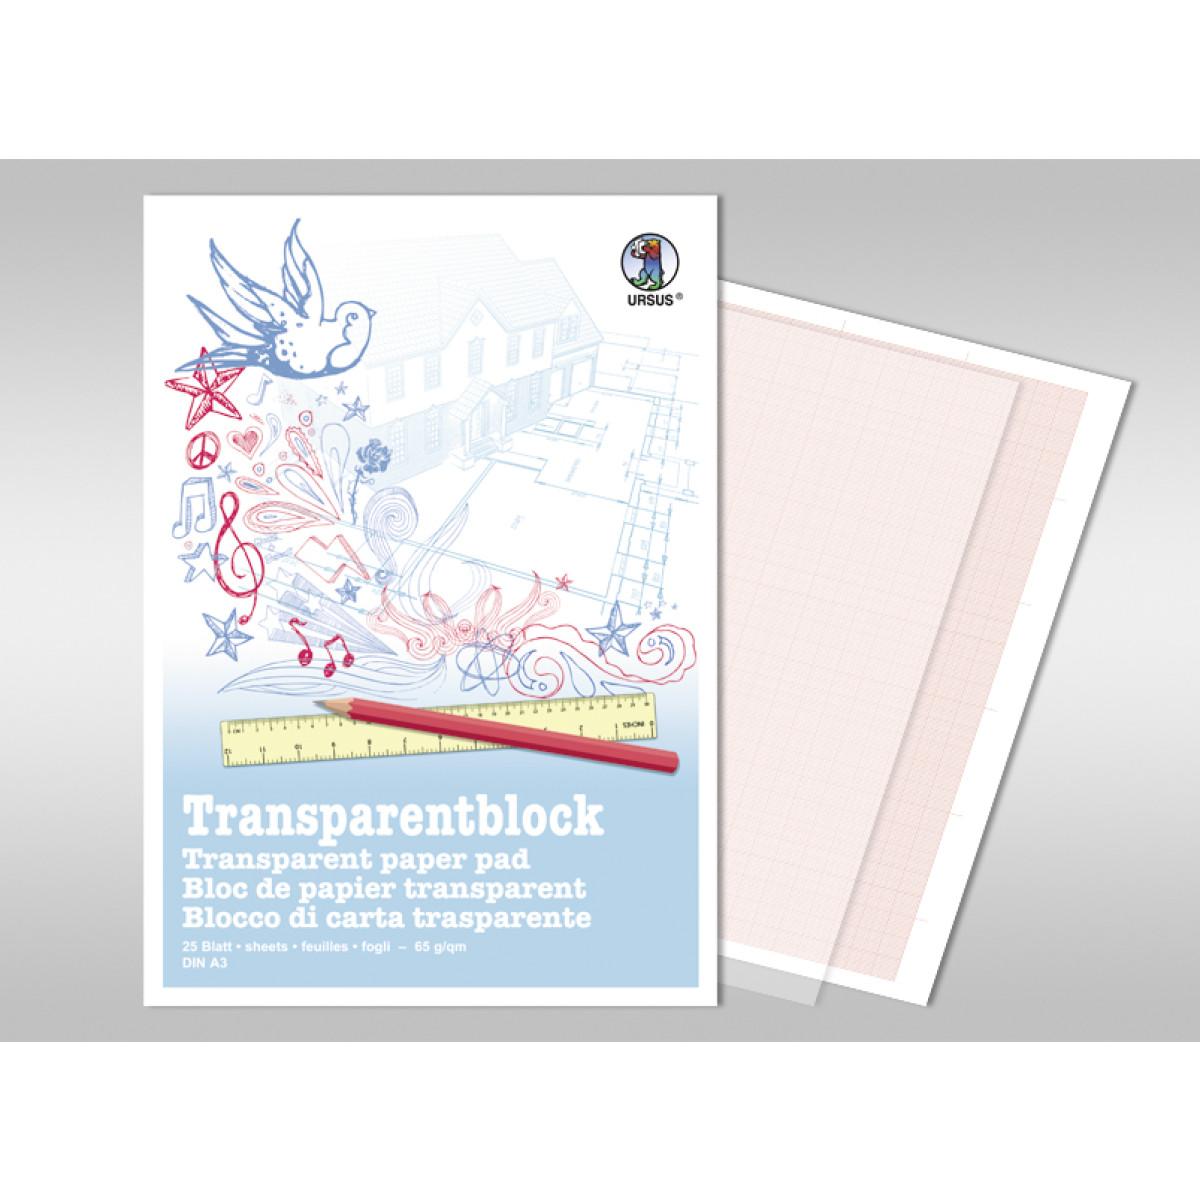 Transparentblock 65 g/qm DIN A3 - 25 Blatt